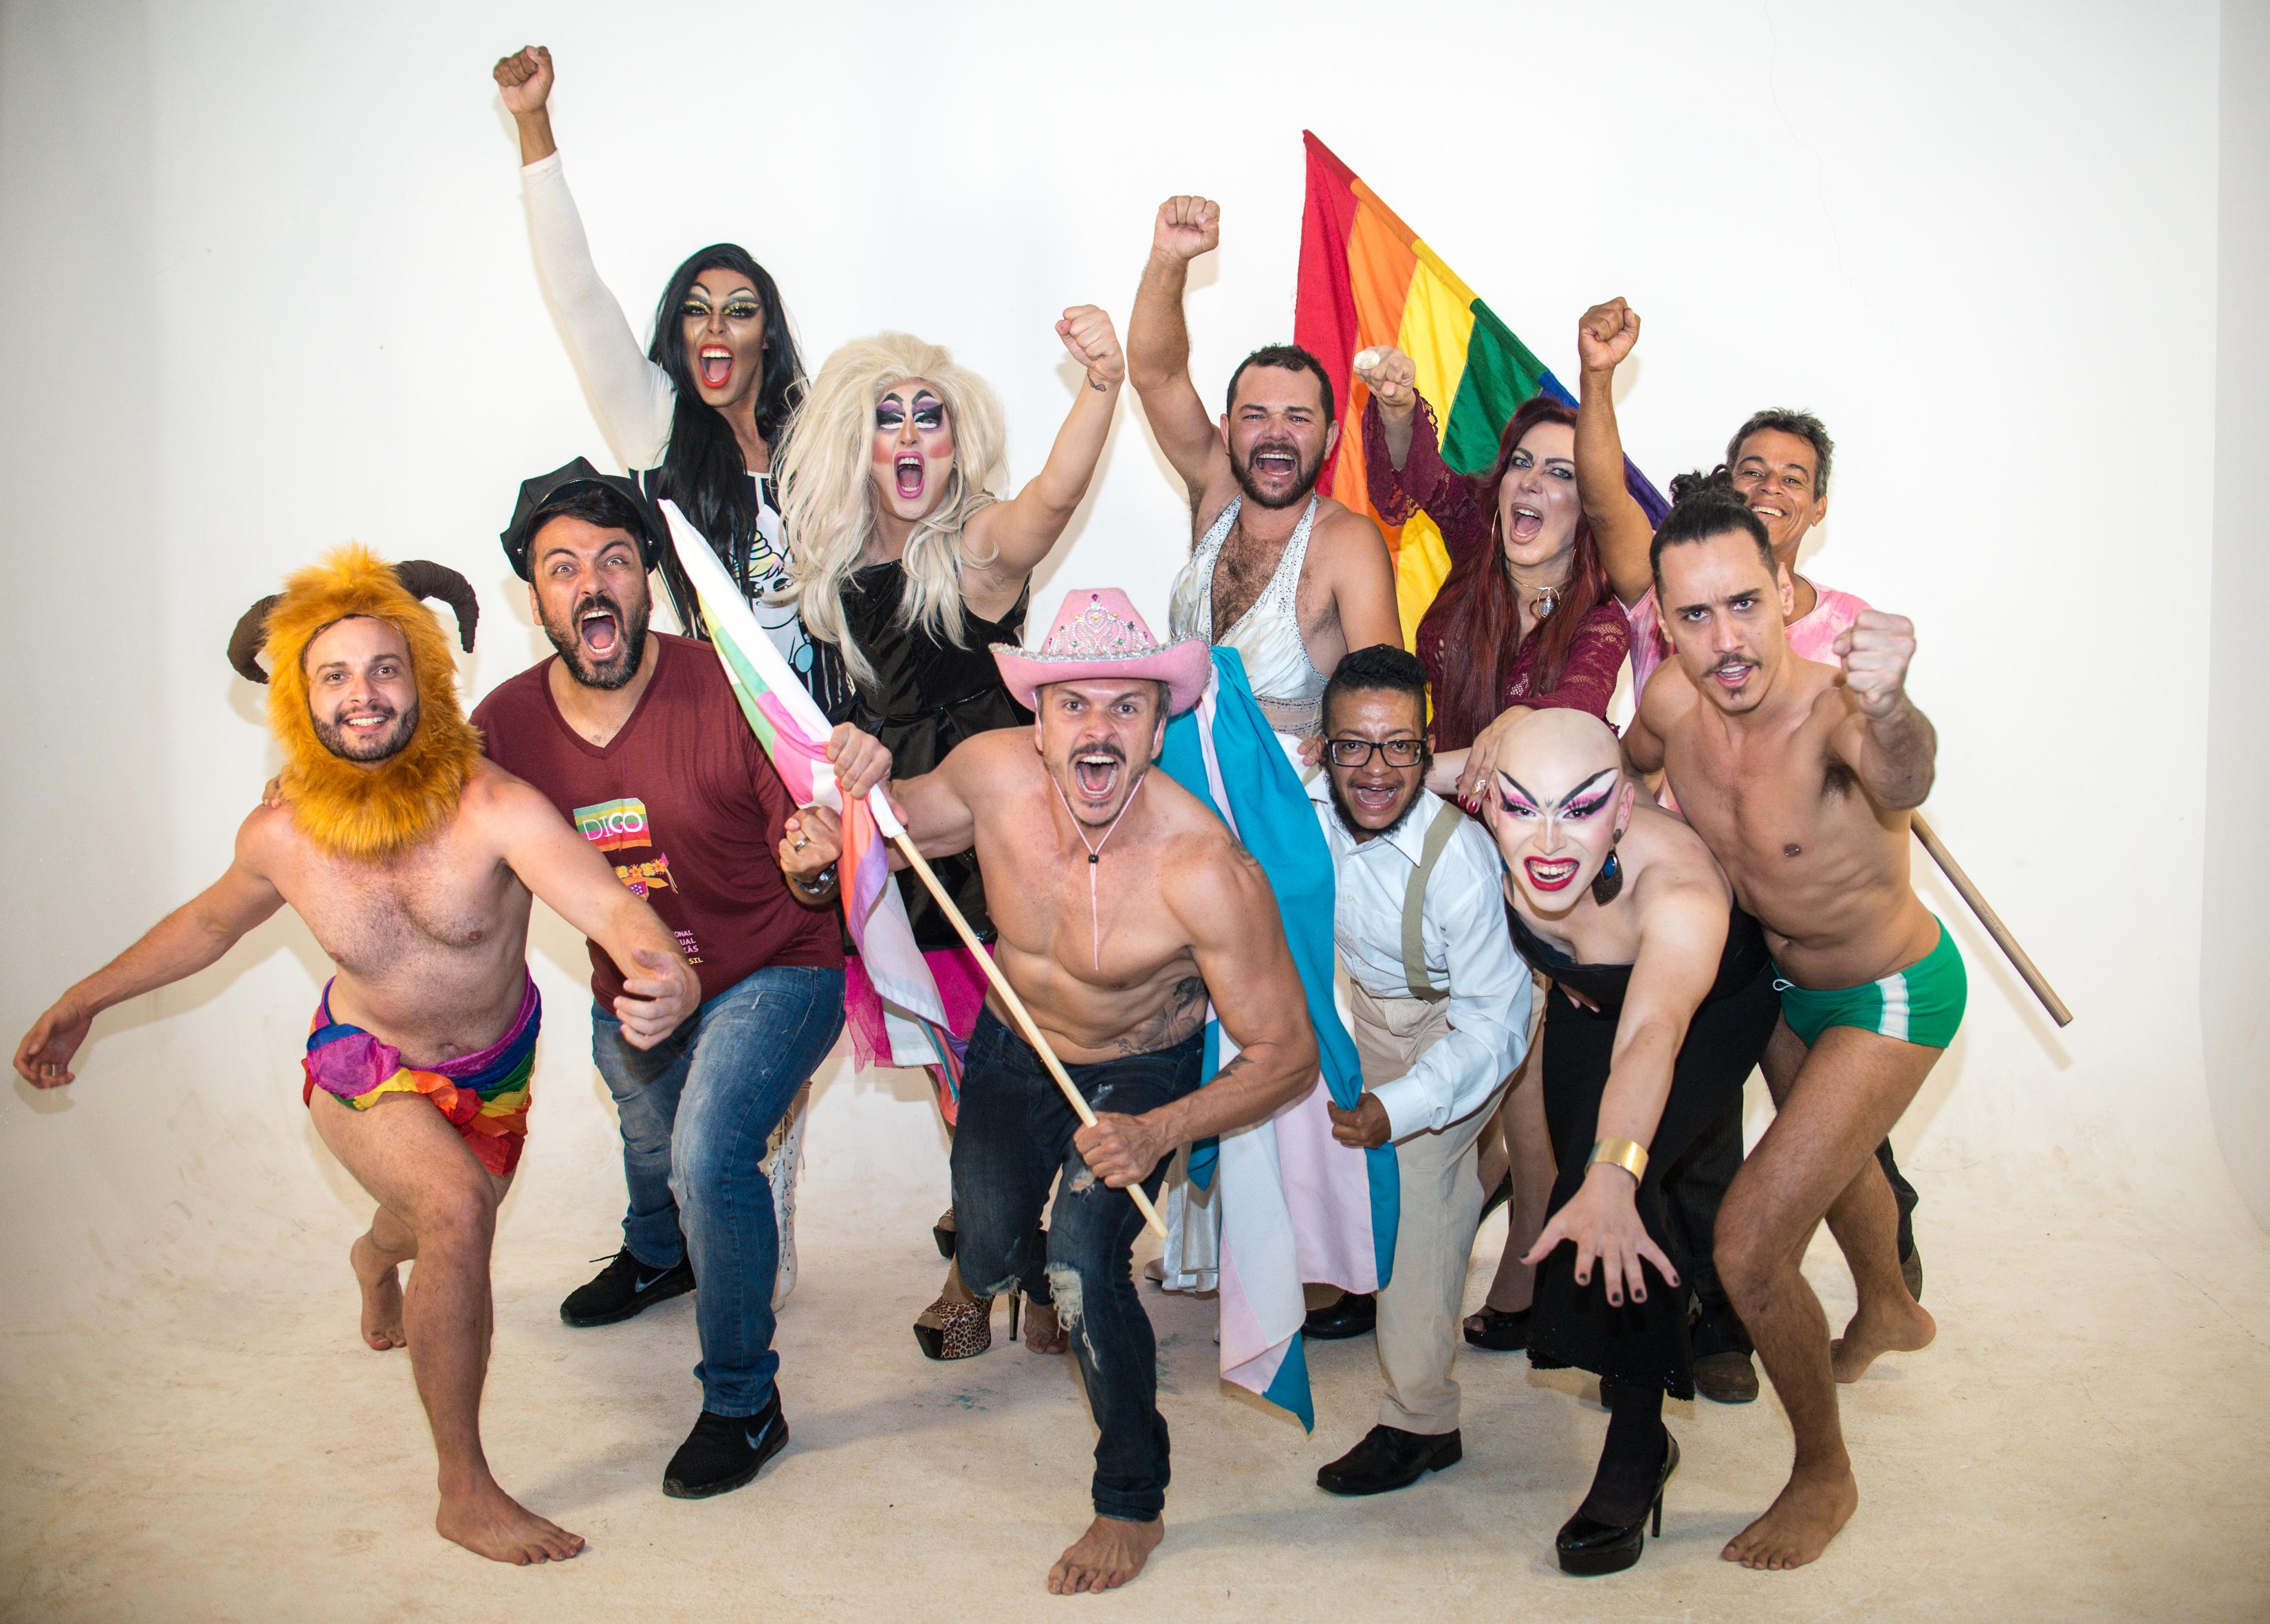 Cinema de Goiânia recebe Festival Internacional de Cinema da Diversidade Sexual e de Gênero de Goiás